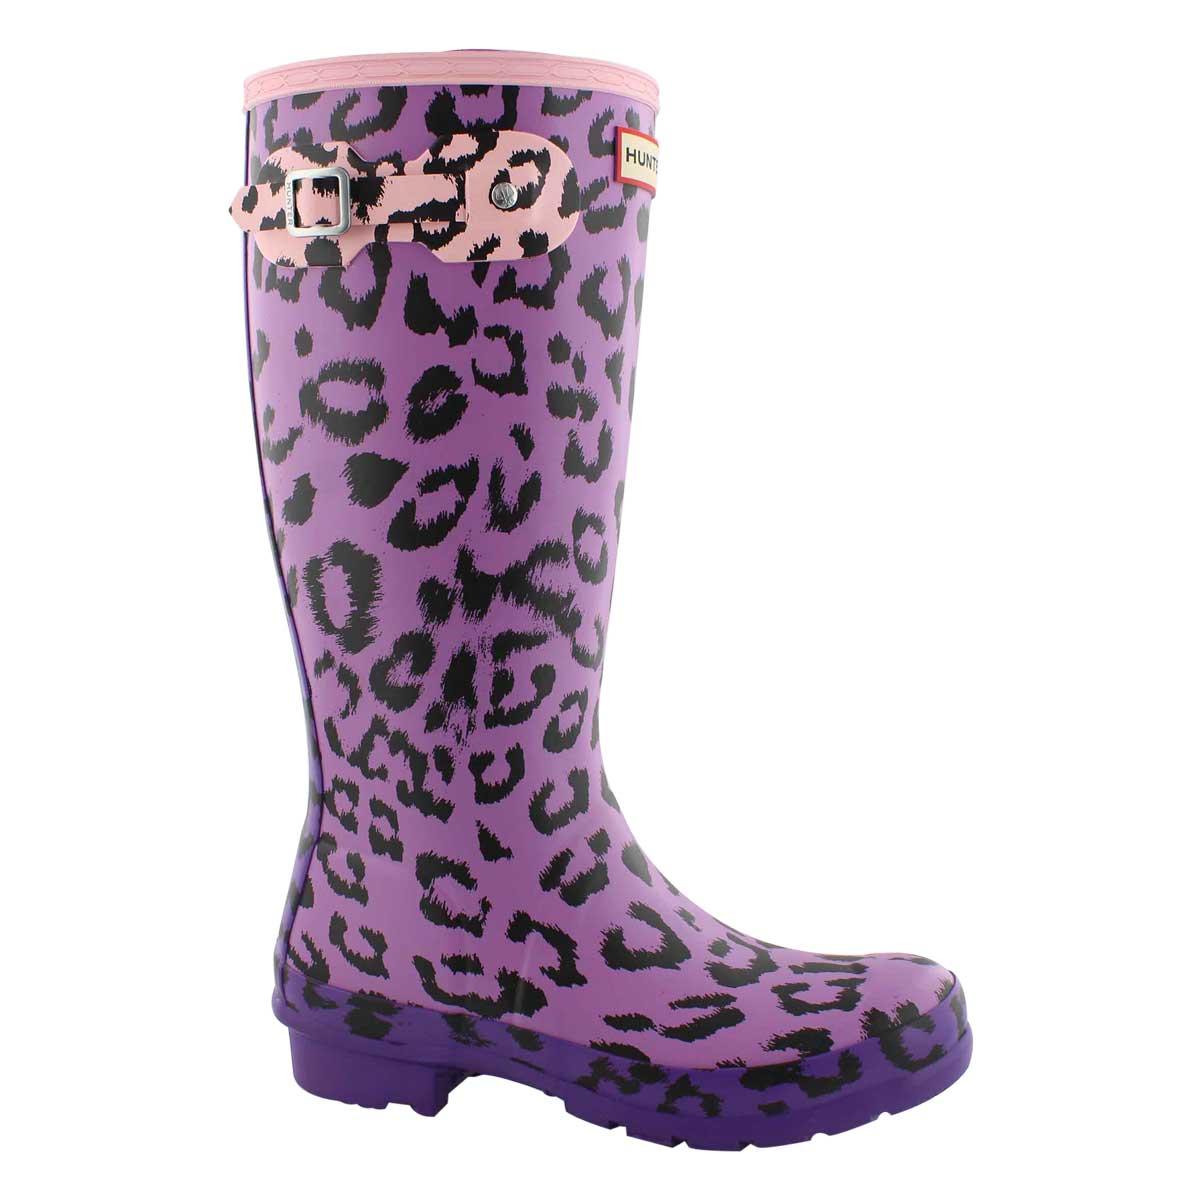 Grls OriginalLeopardPrint mlti rain boot